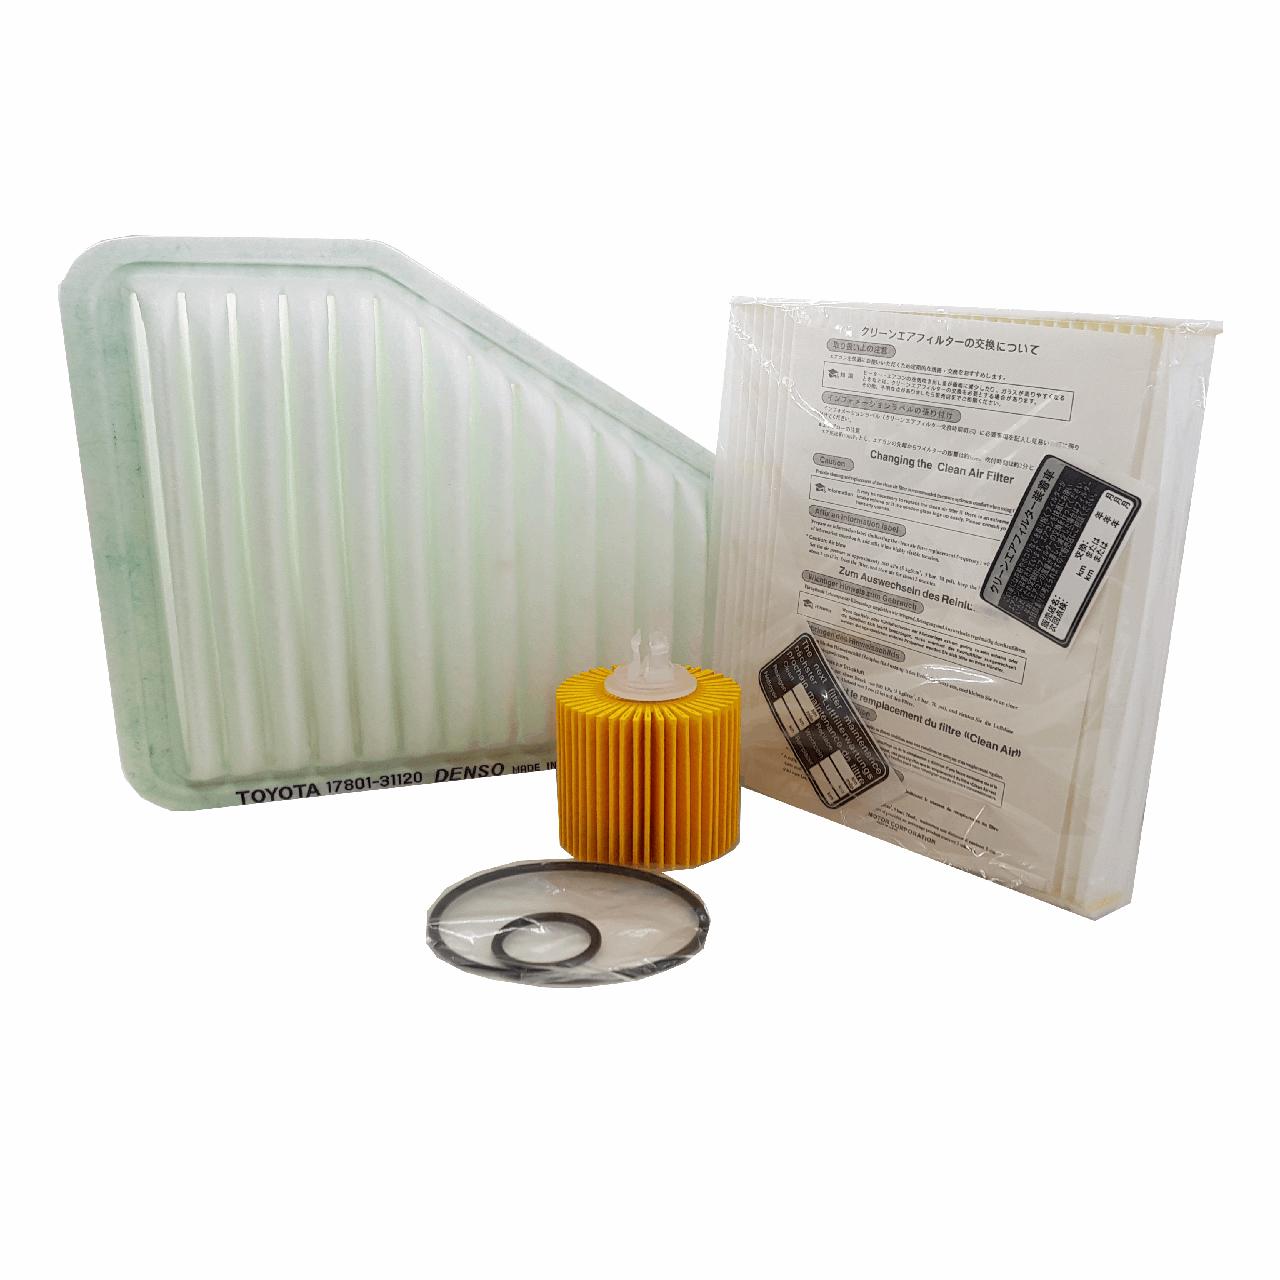 بسته فیلتر خودرو اطلس میکال مدل 3354 مناسب برای تویوتا آریون